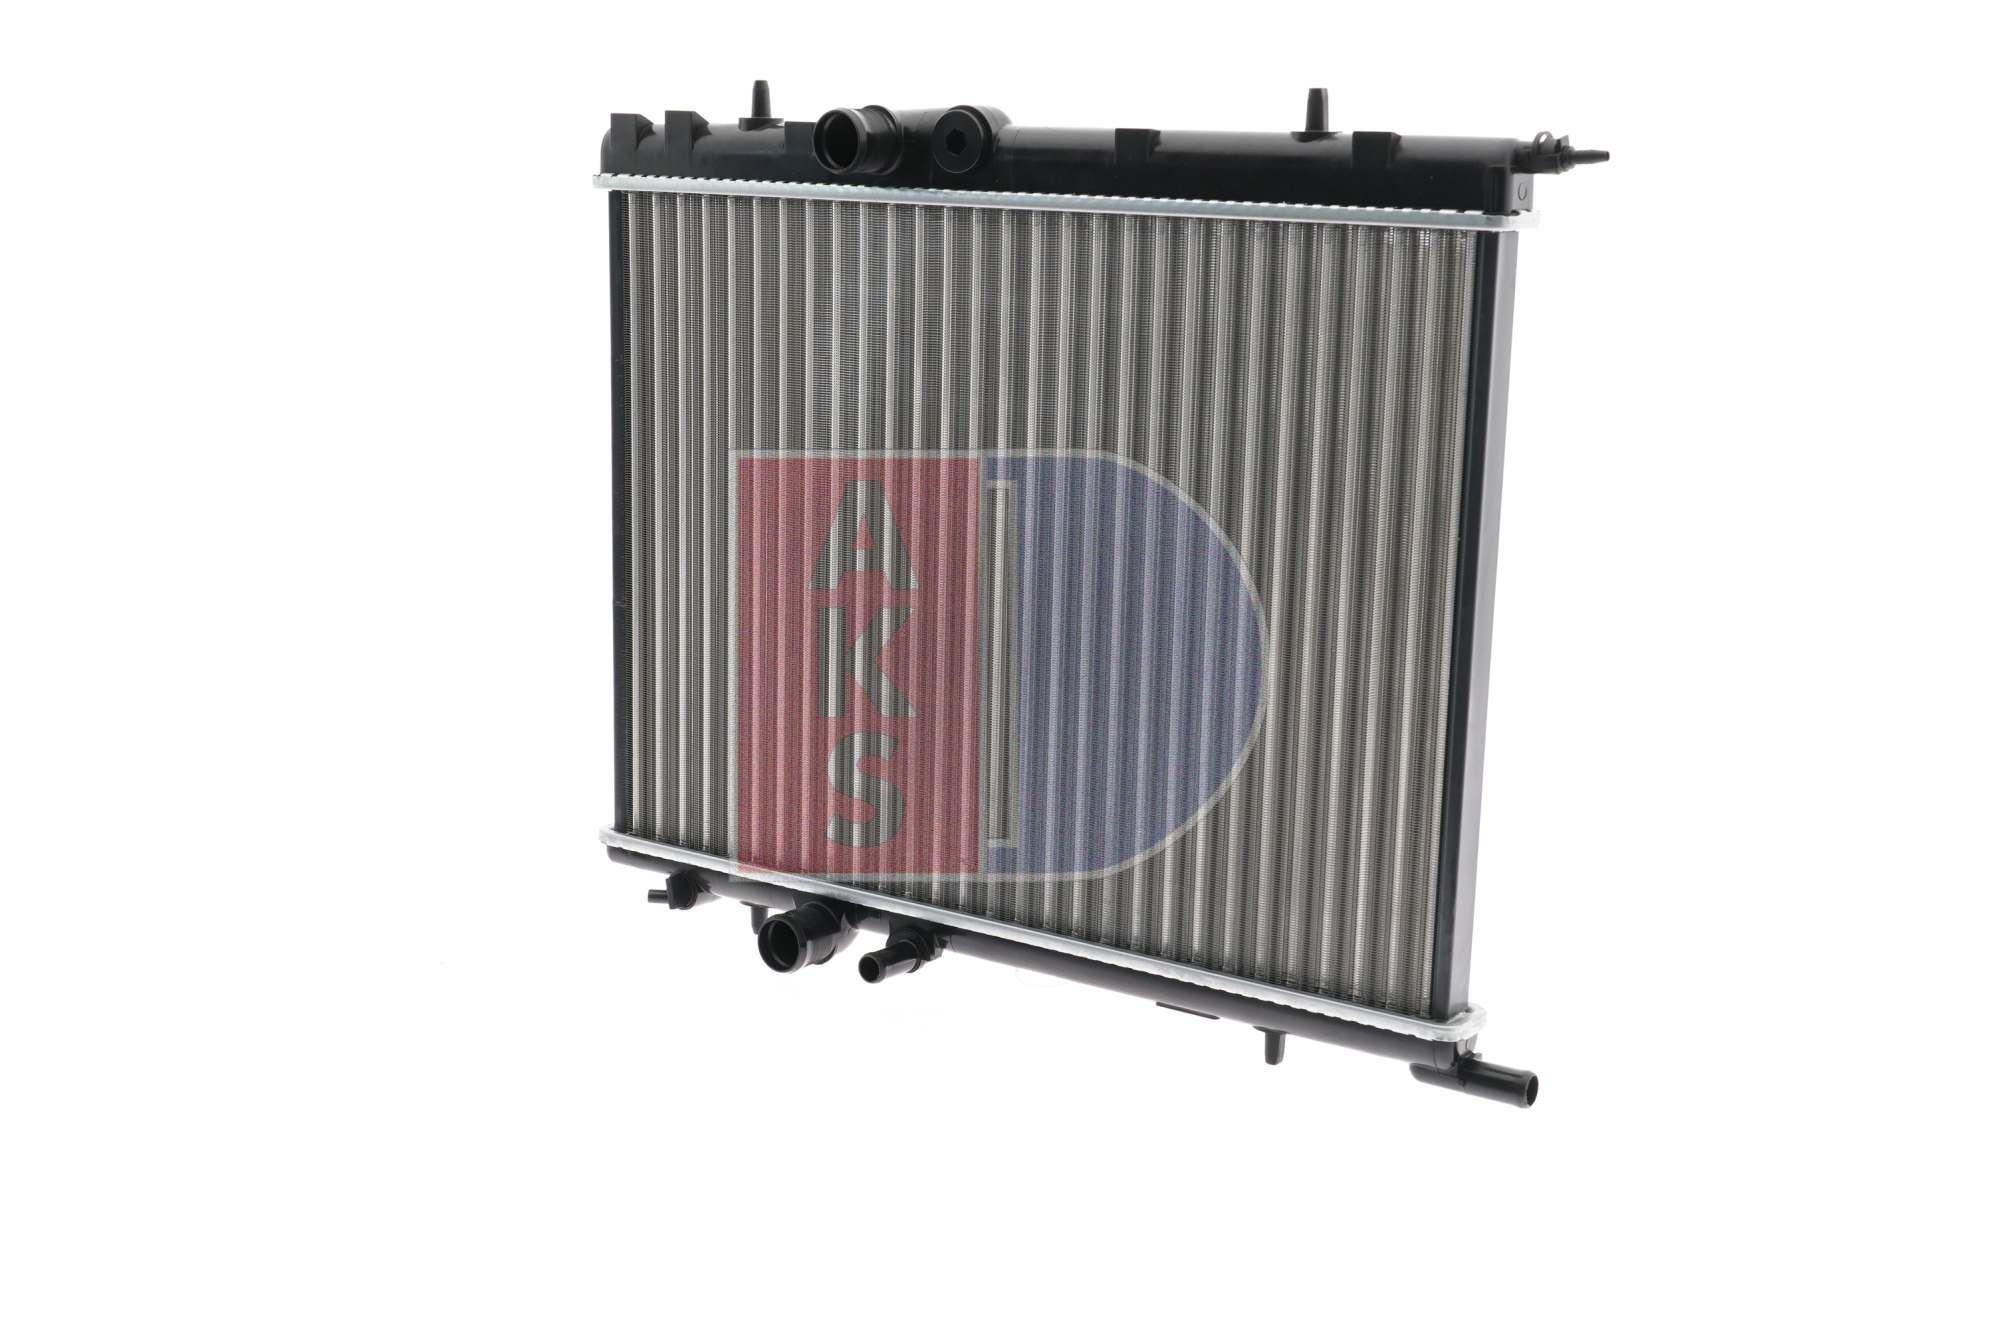 Radiateur moteur AKS DASIS 060057N connaissances d'experts